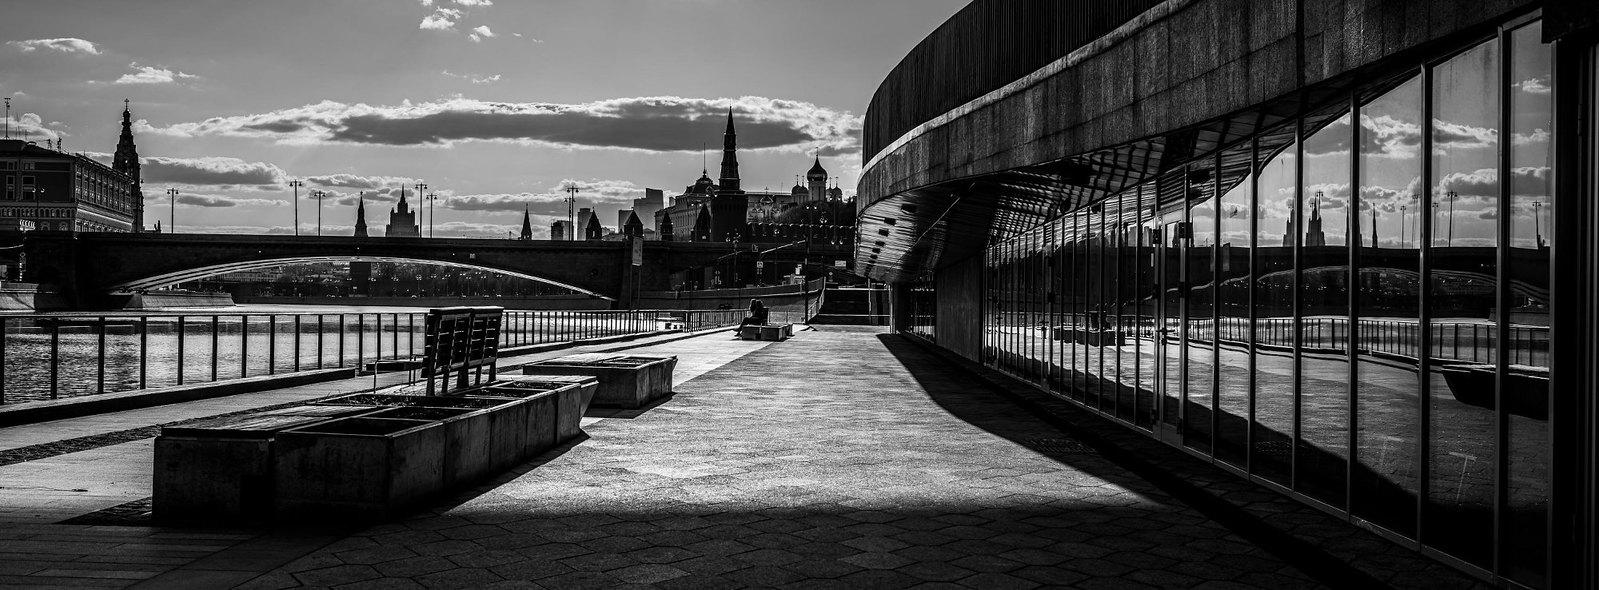 Москворецкая Набережная у парка Зарядье под Парящим мостом